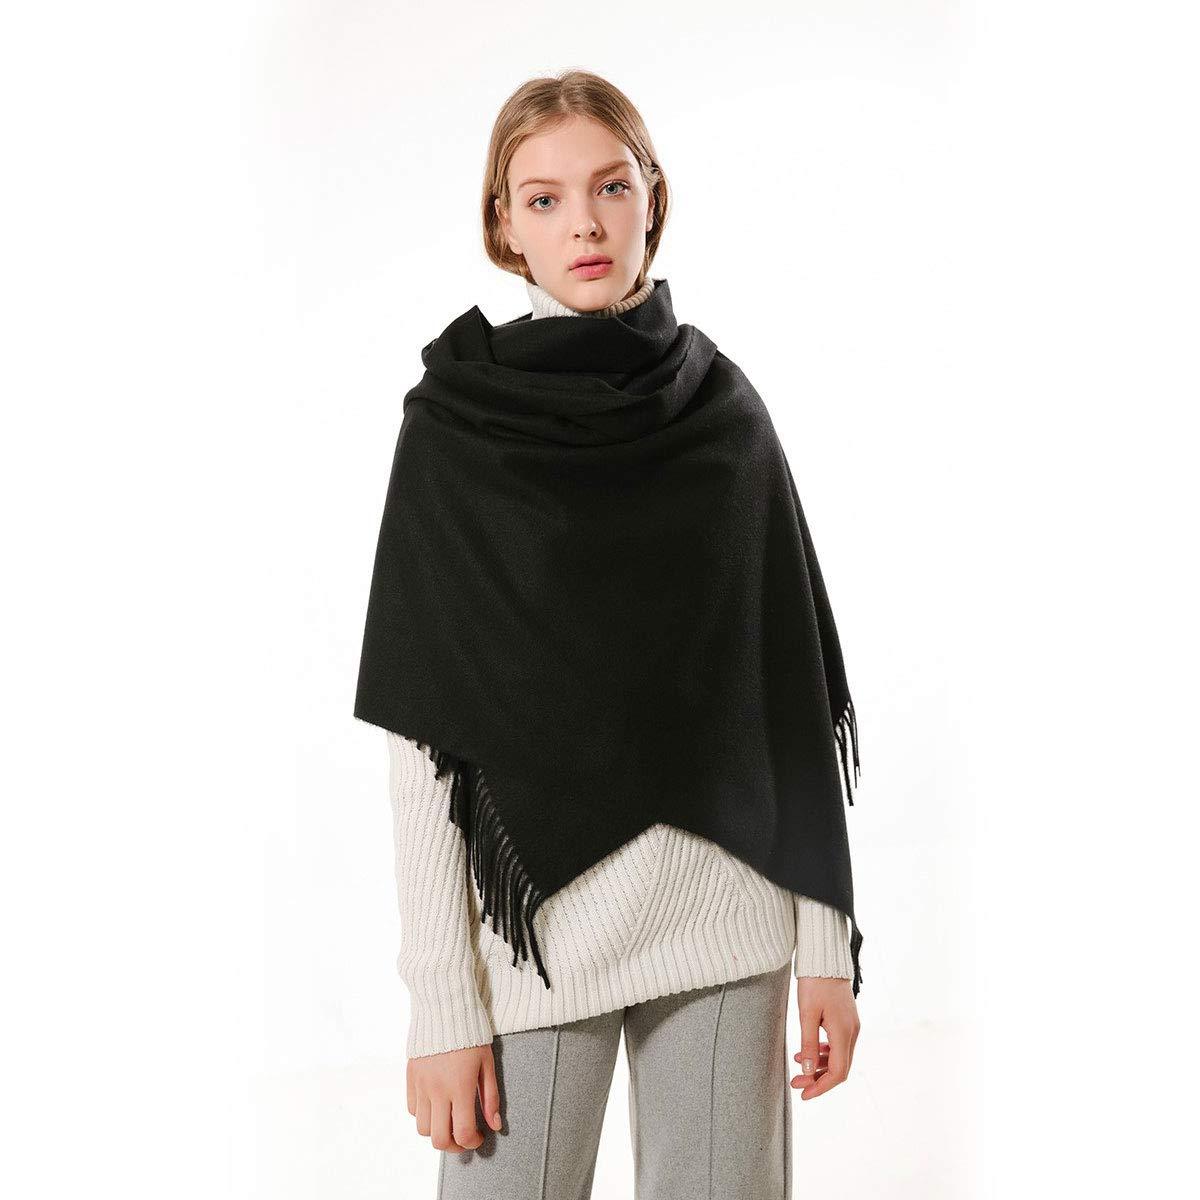 Women Soft Pashmina Wraps Shawls Stole Scarf - Large Size 78''x 28'' (Black)